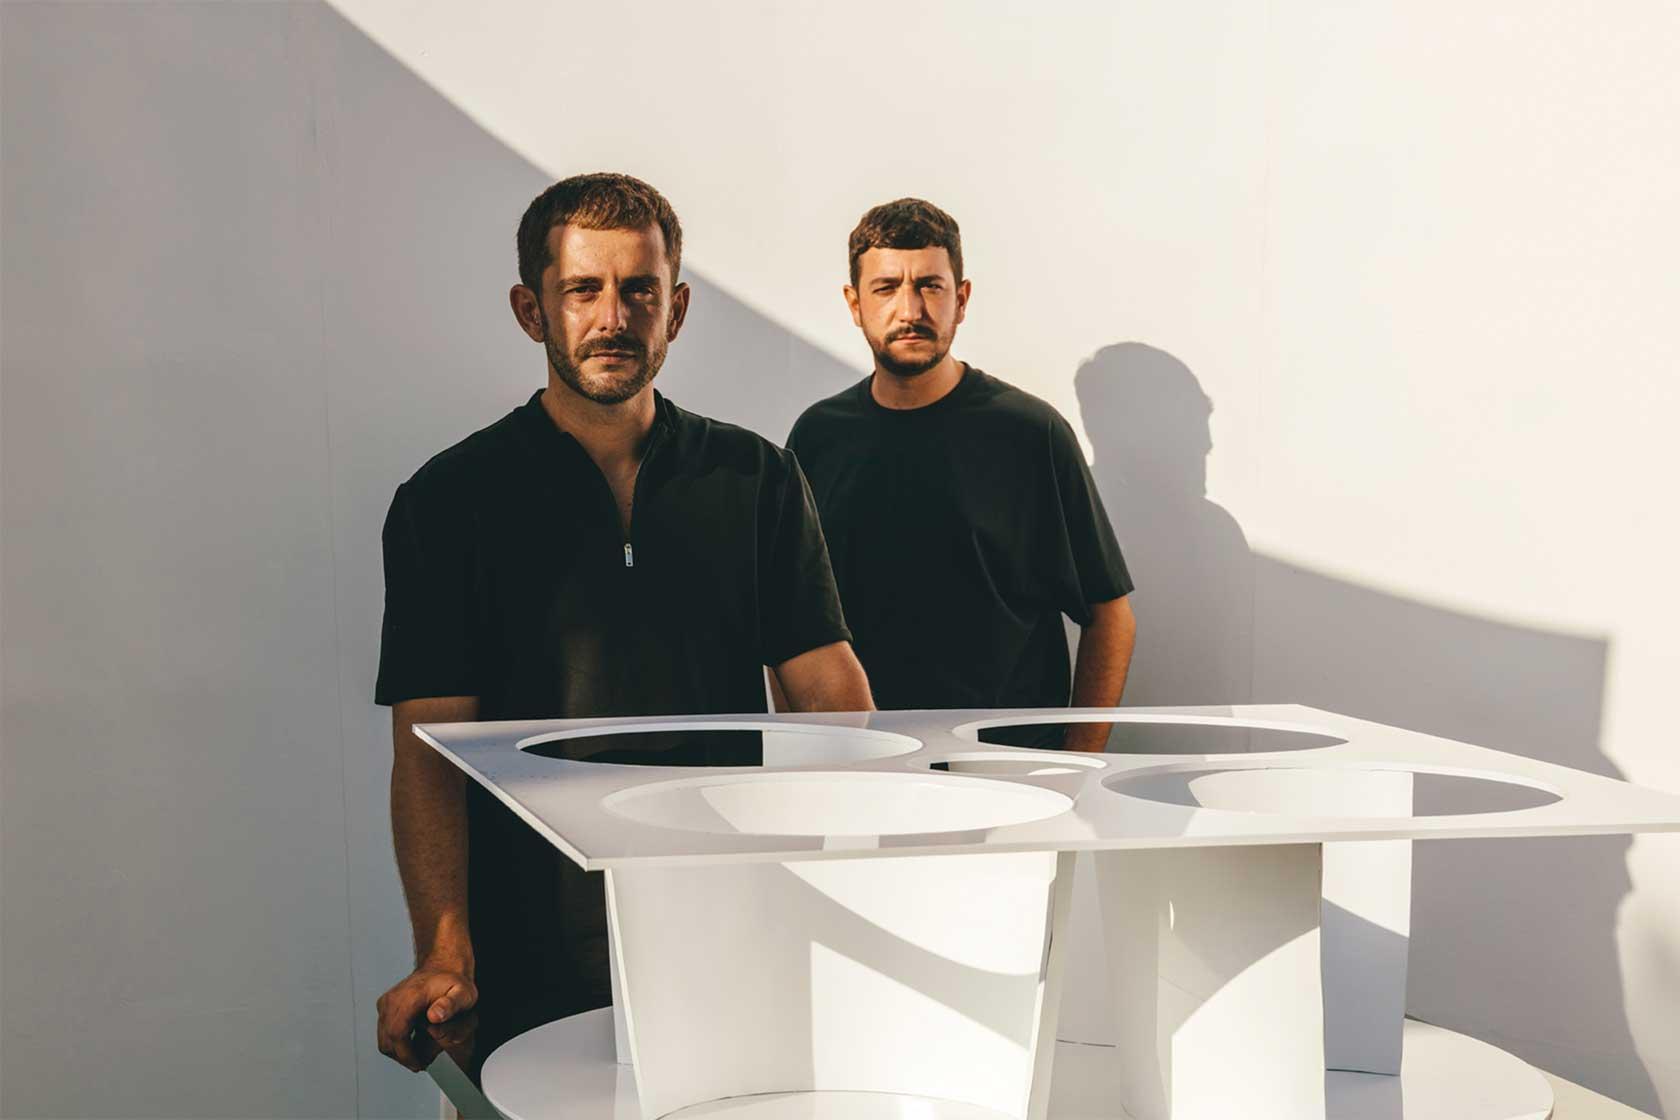 Portrait des Designerduos von MUT Design mit ihrem Modell vom Haus der Zukunft